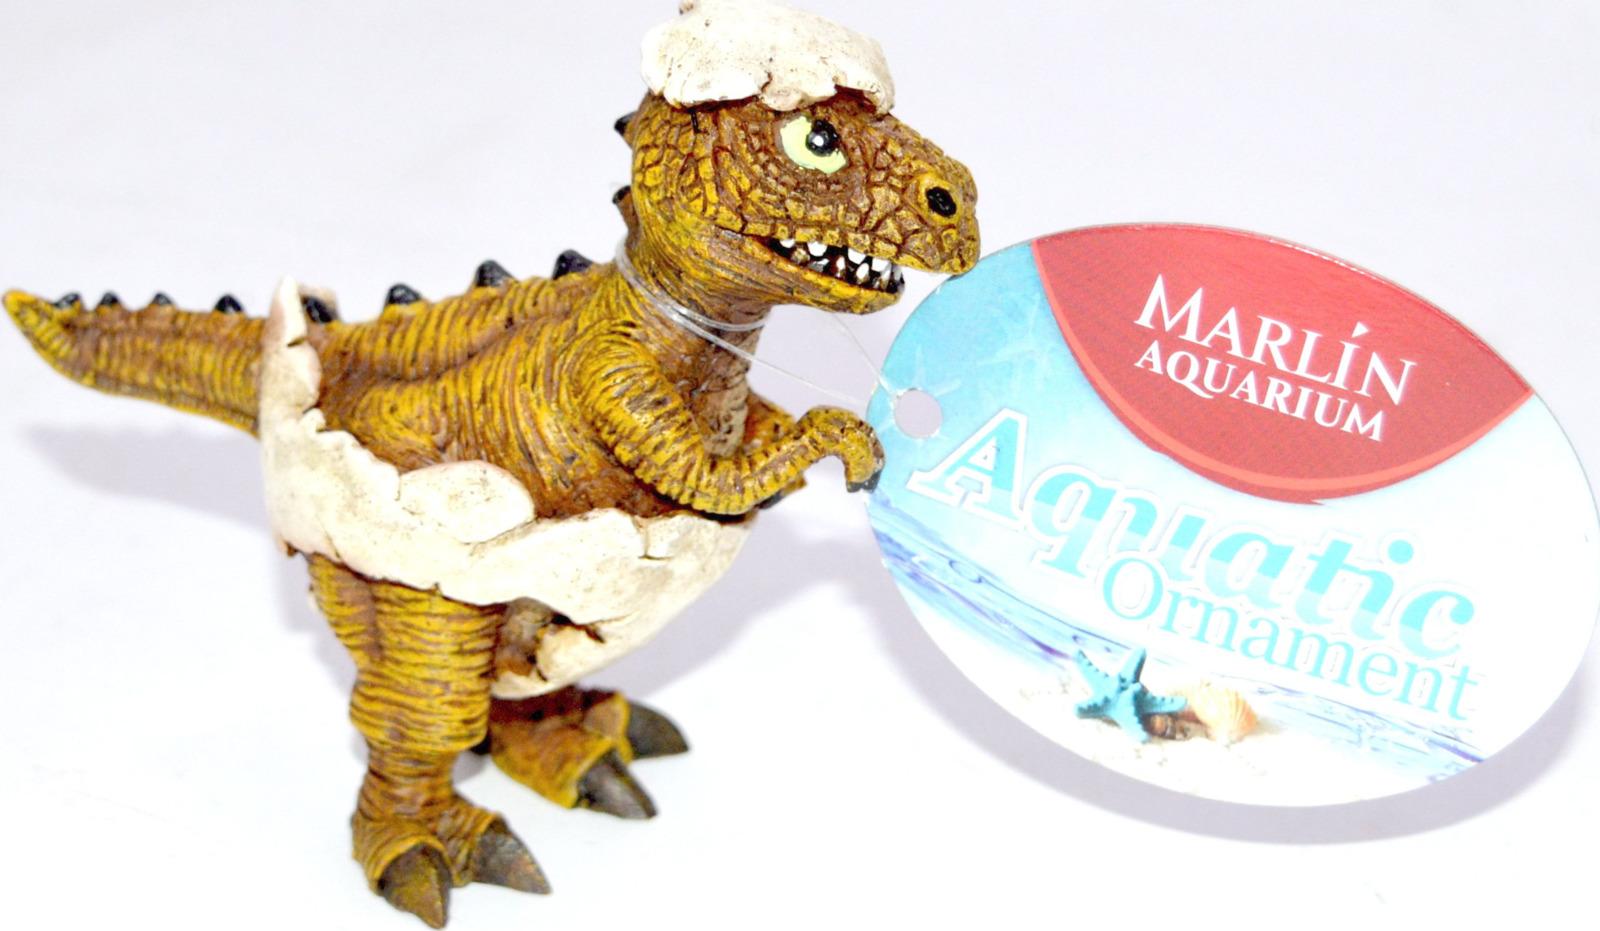 Декорация для аквариума Meijing Aquarium Динозаврик в яйце, MJA-094, коричневый, 11 х 5 х 11 см Meijing Aquarium